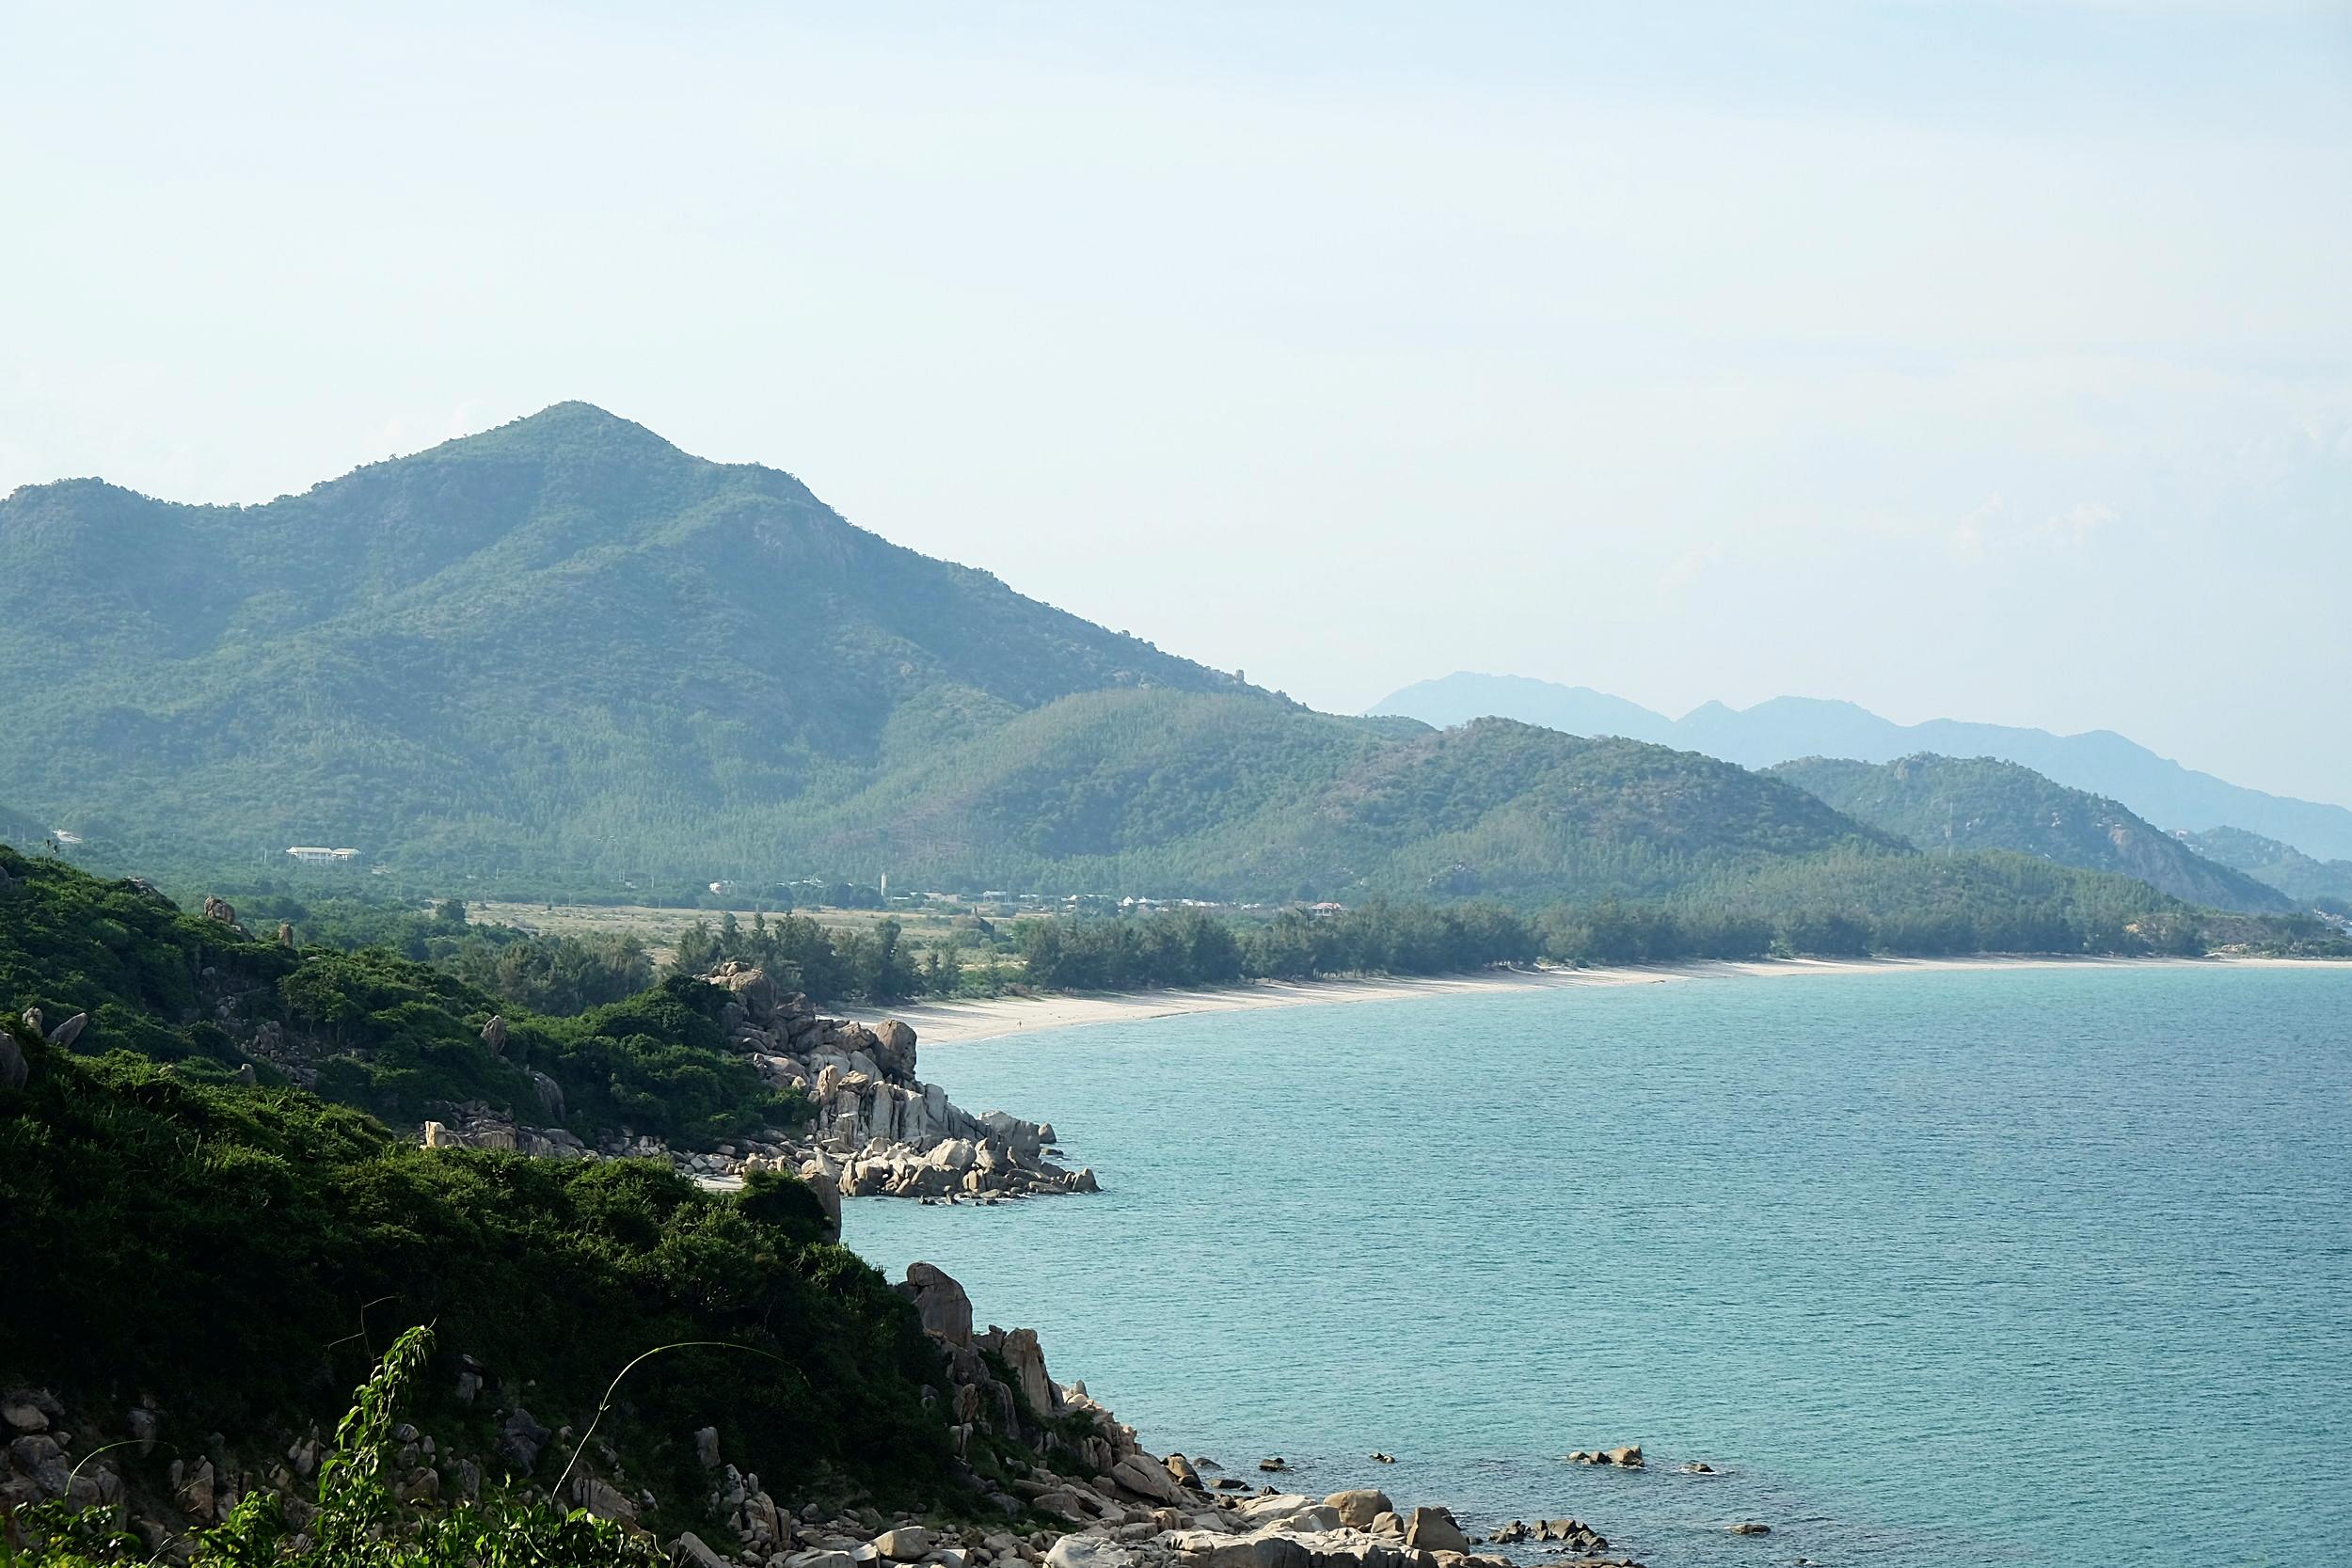 The beach at Binh Tien